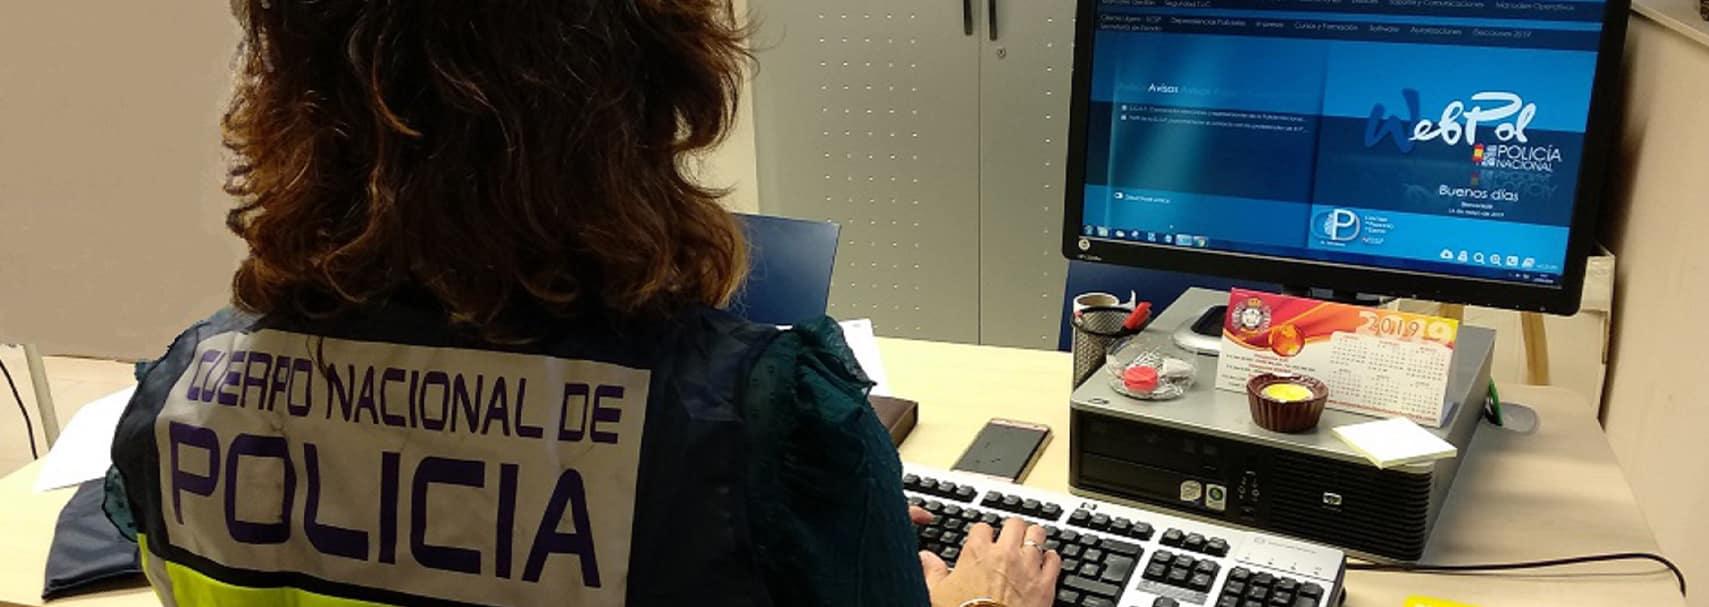 delitos-ciberneticos-policia-y-guardia-civil-frente-a-una-nueva-forma-de-delincuencia-imagen-de-entrada